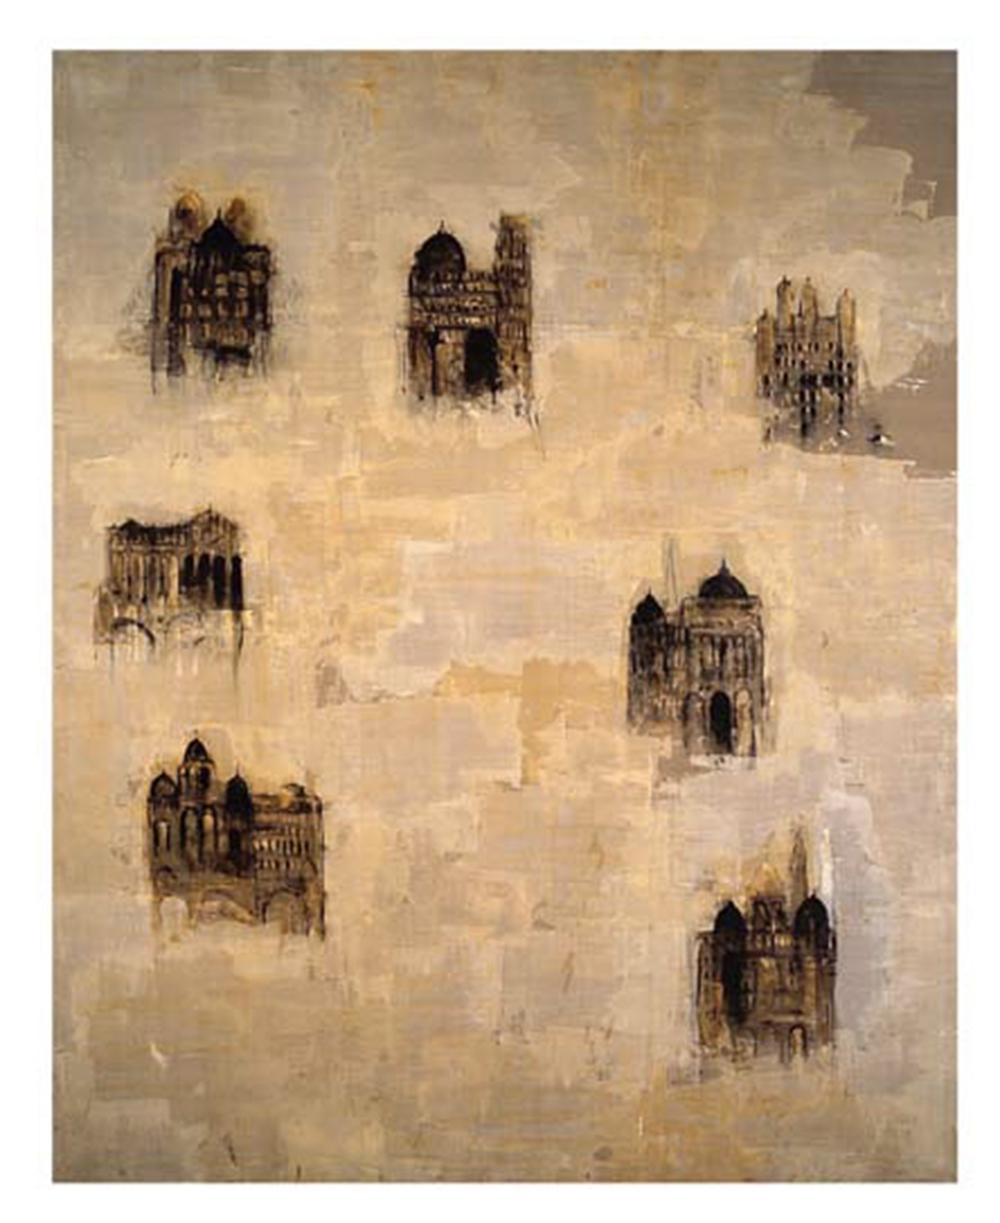 Cattedrale, 2004, olio su tela, cm 400x320 - Collez. Carisbo S. Giorgio in Poggiale, Bologna